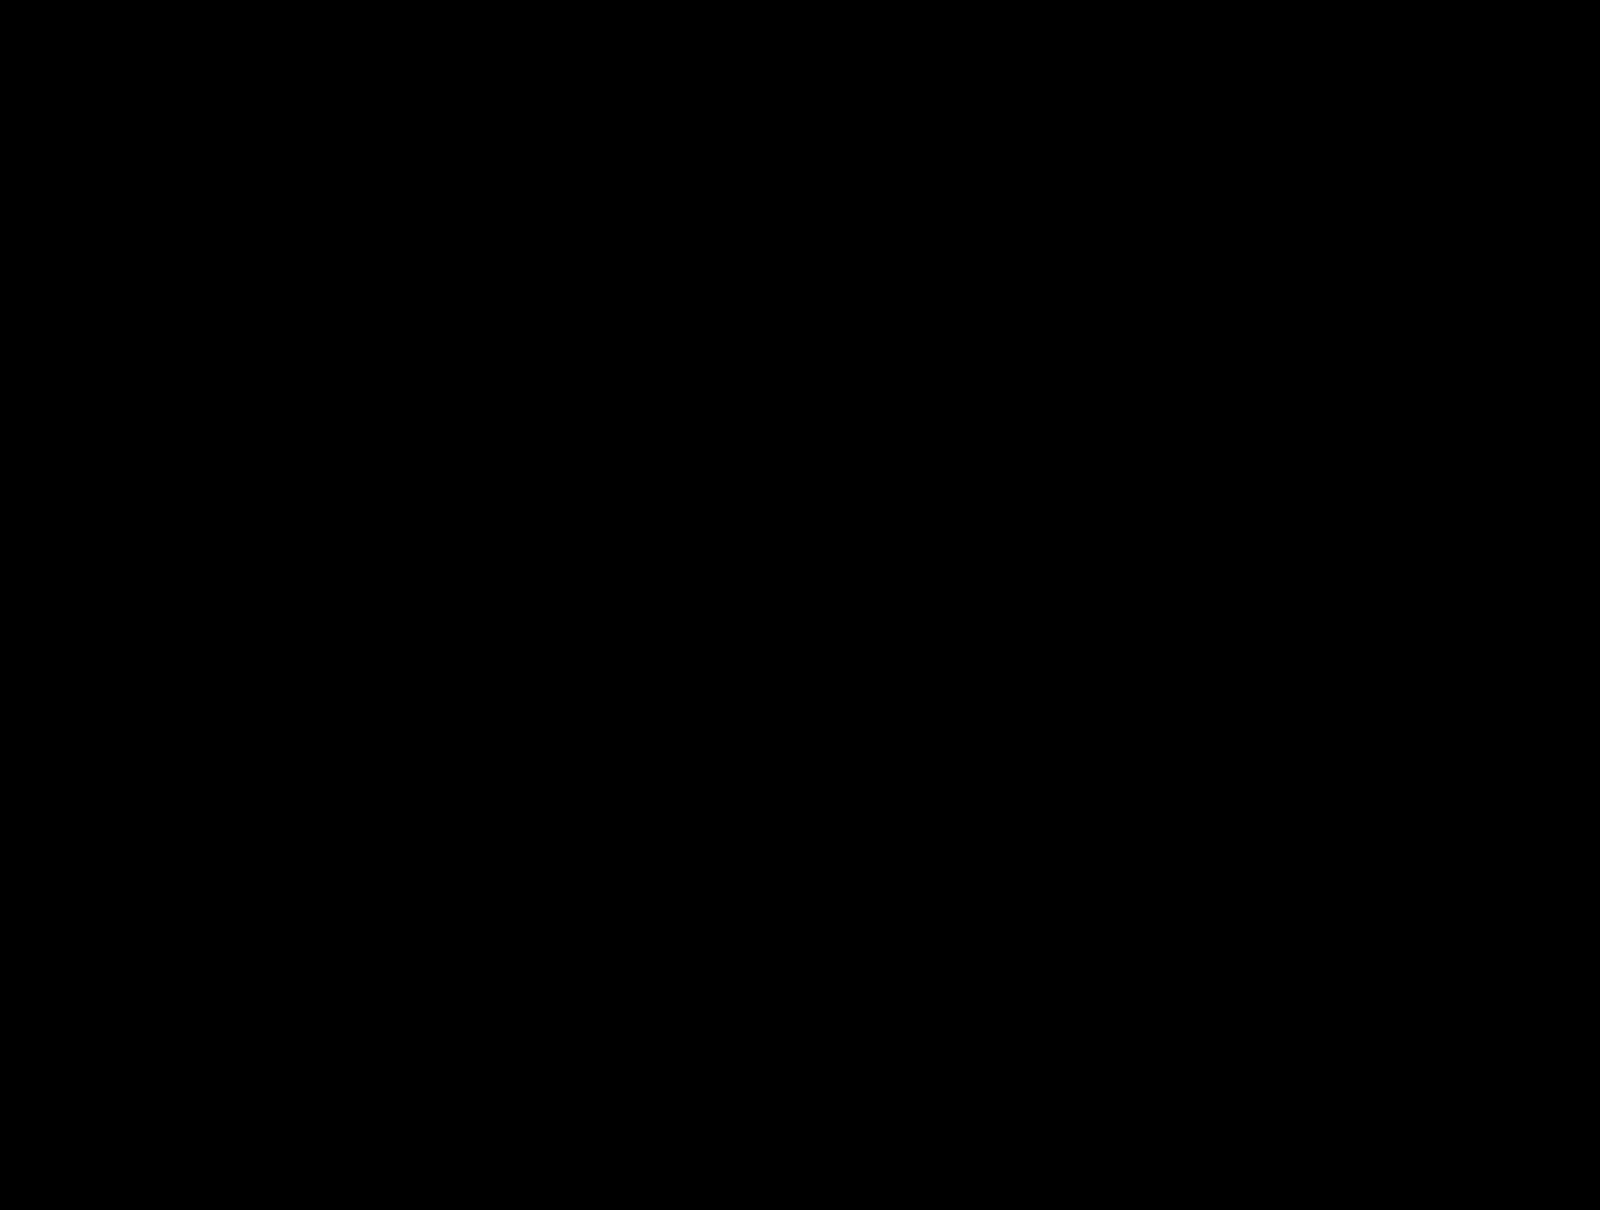 Kumpulan Sketsa Gambar Kangguru